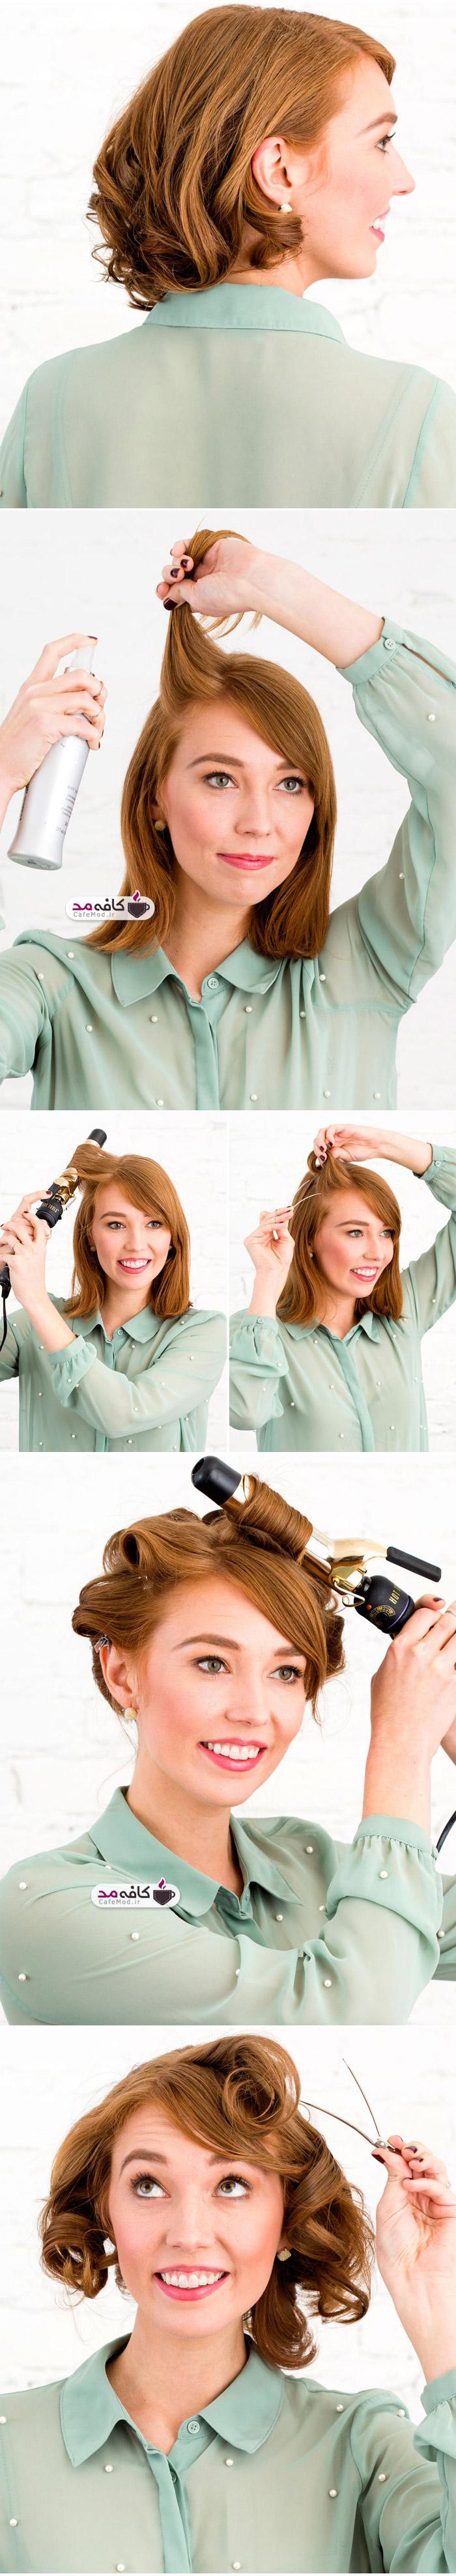 آموزش درست کردن موی کوتاه